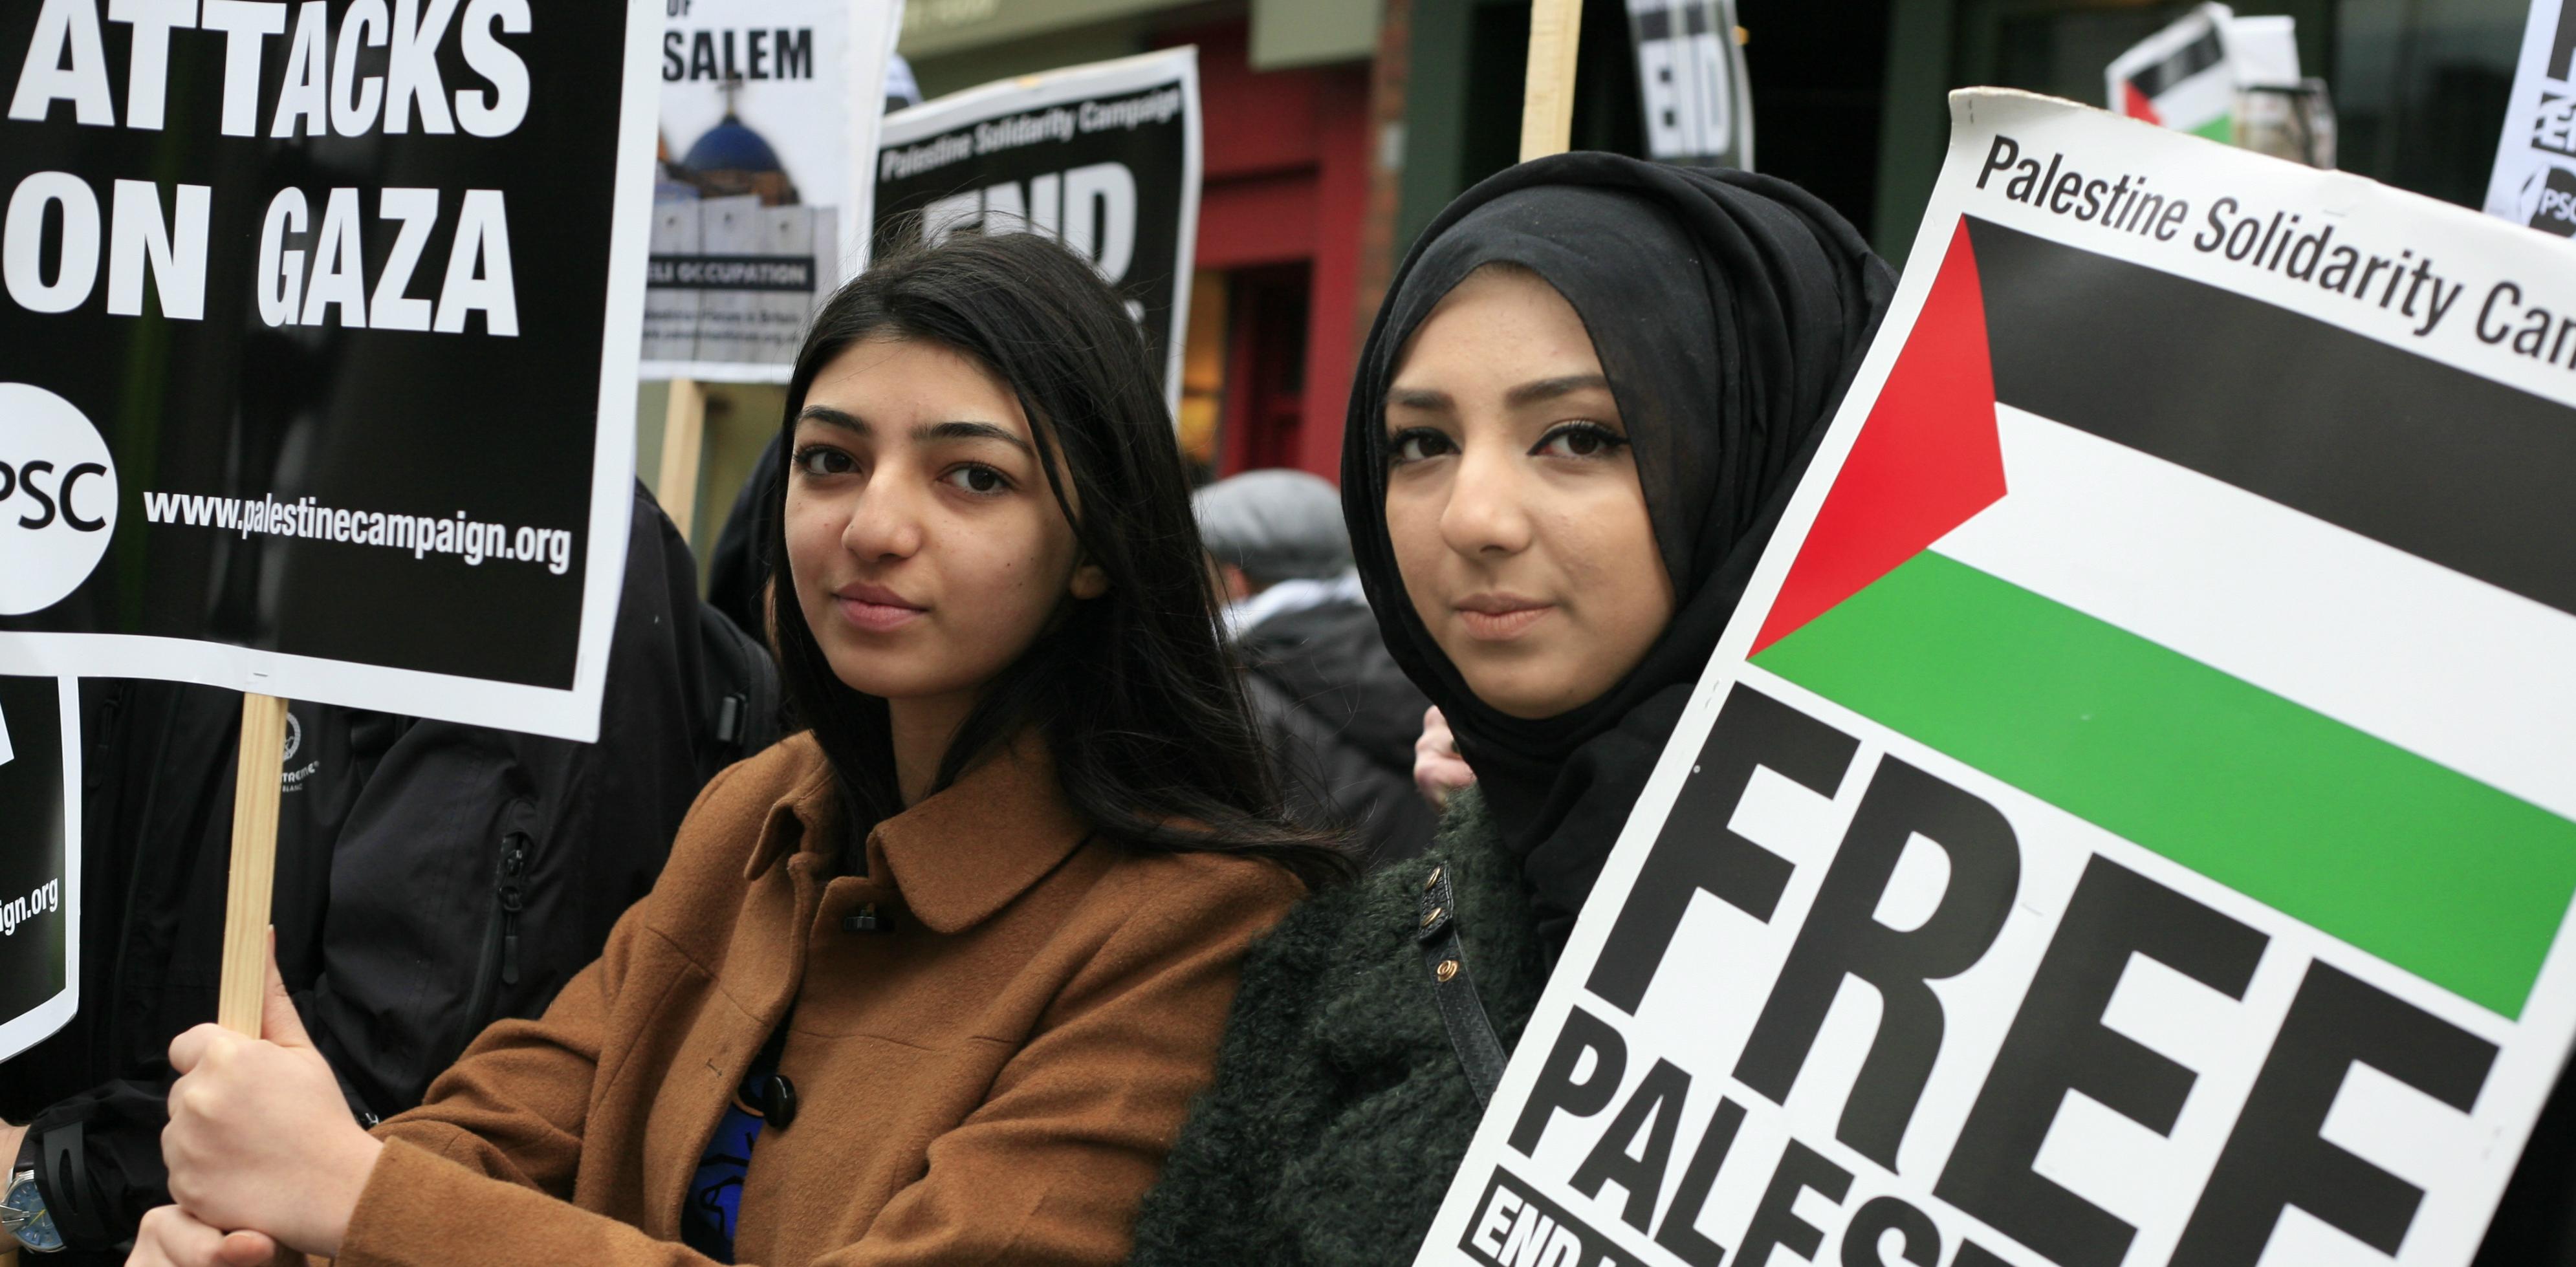 Участники митинга в поддержку палестинцев